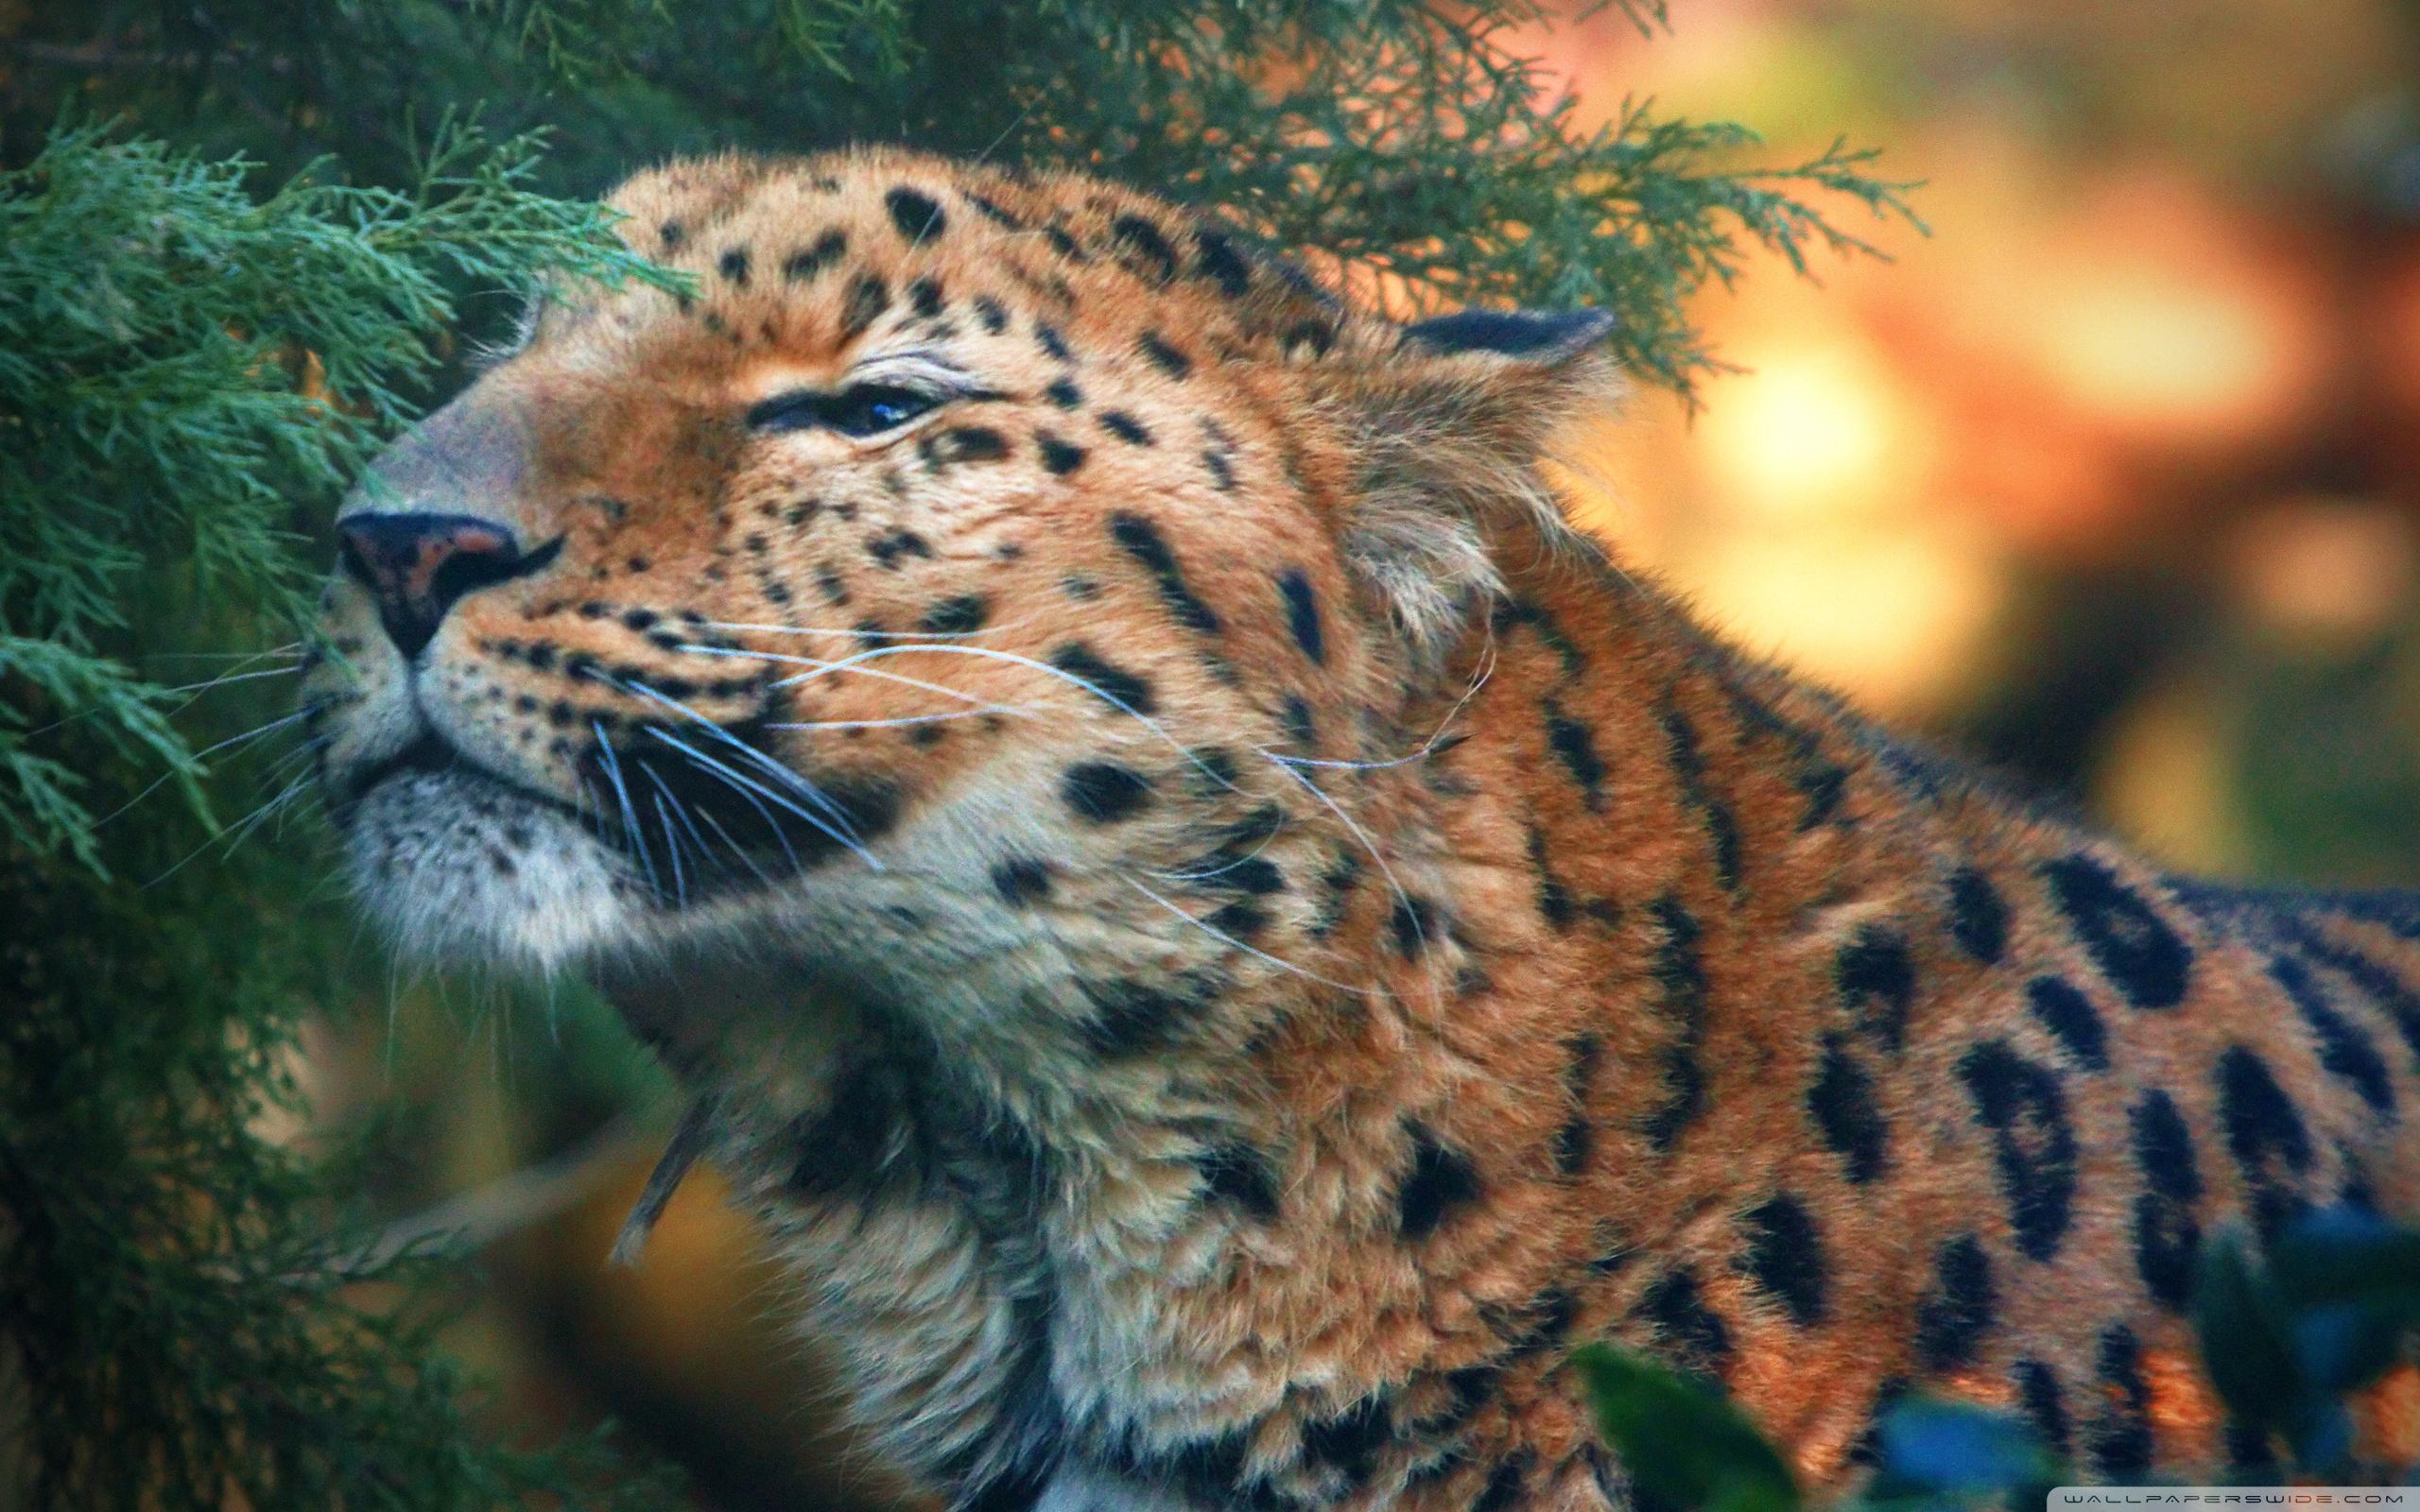 Download Wallpaper Cute Cat Cute Amur Leopard 4k Hd Desktop Wallpaper For 4k Ultra Hd